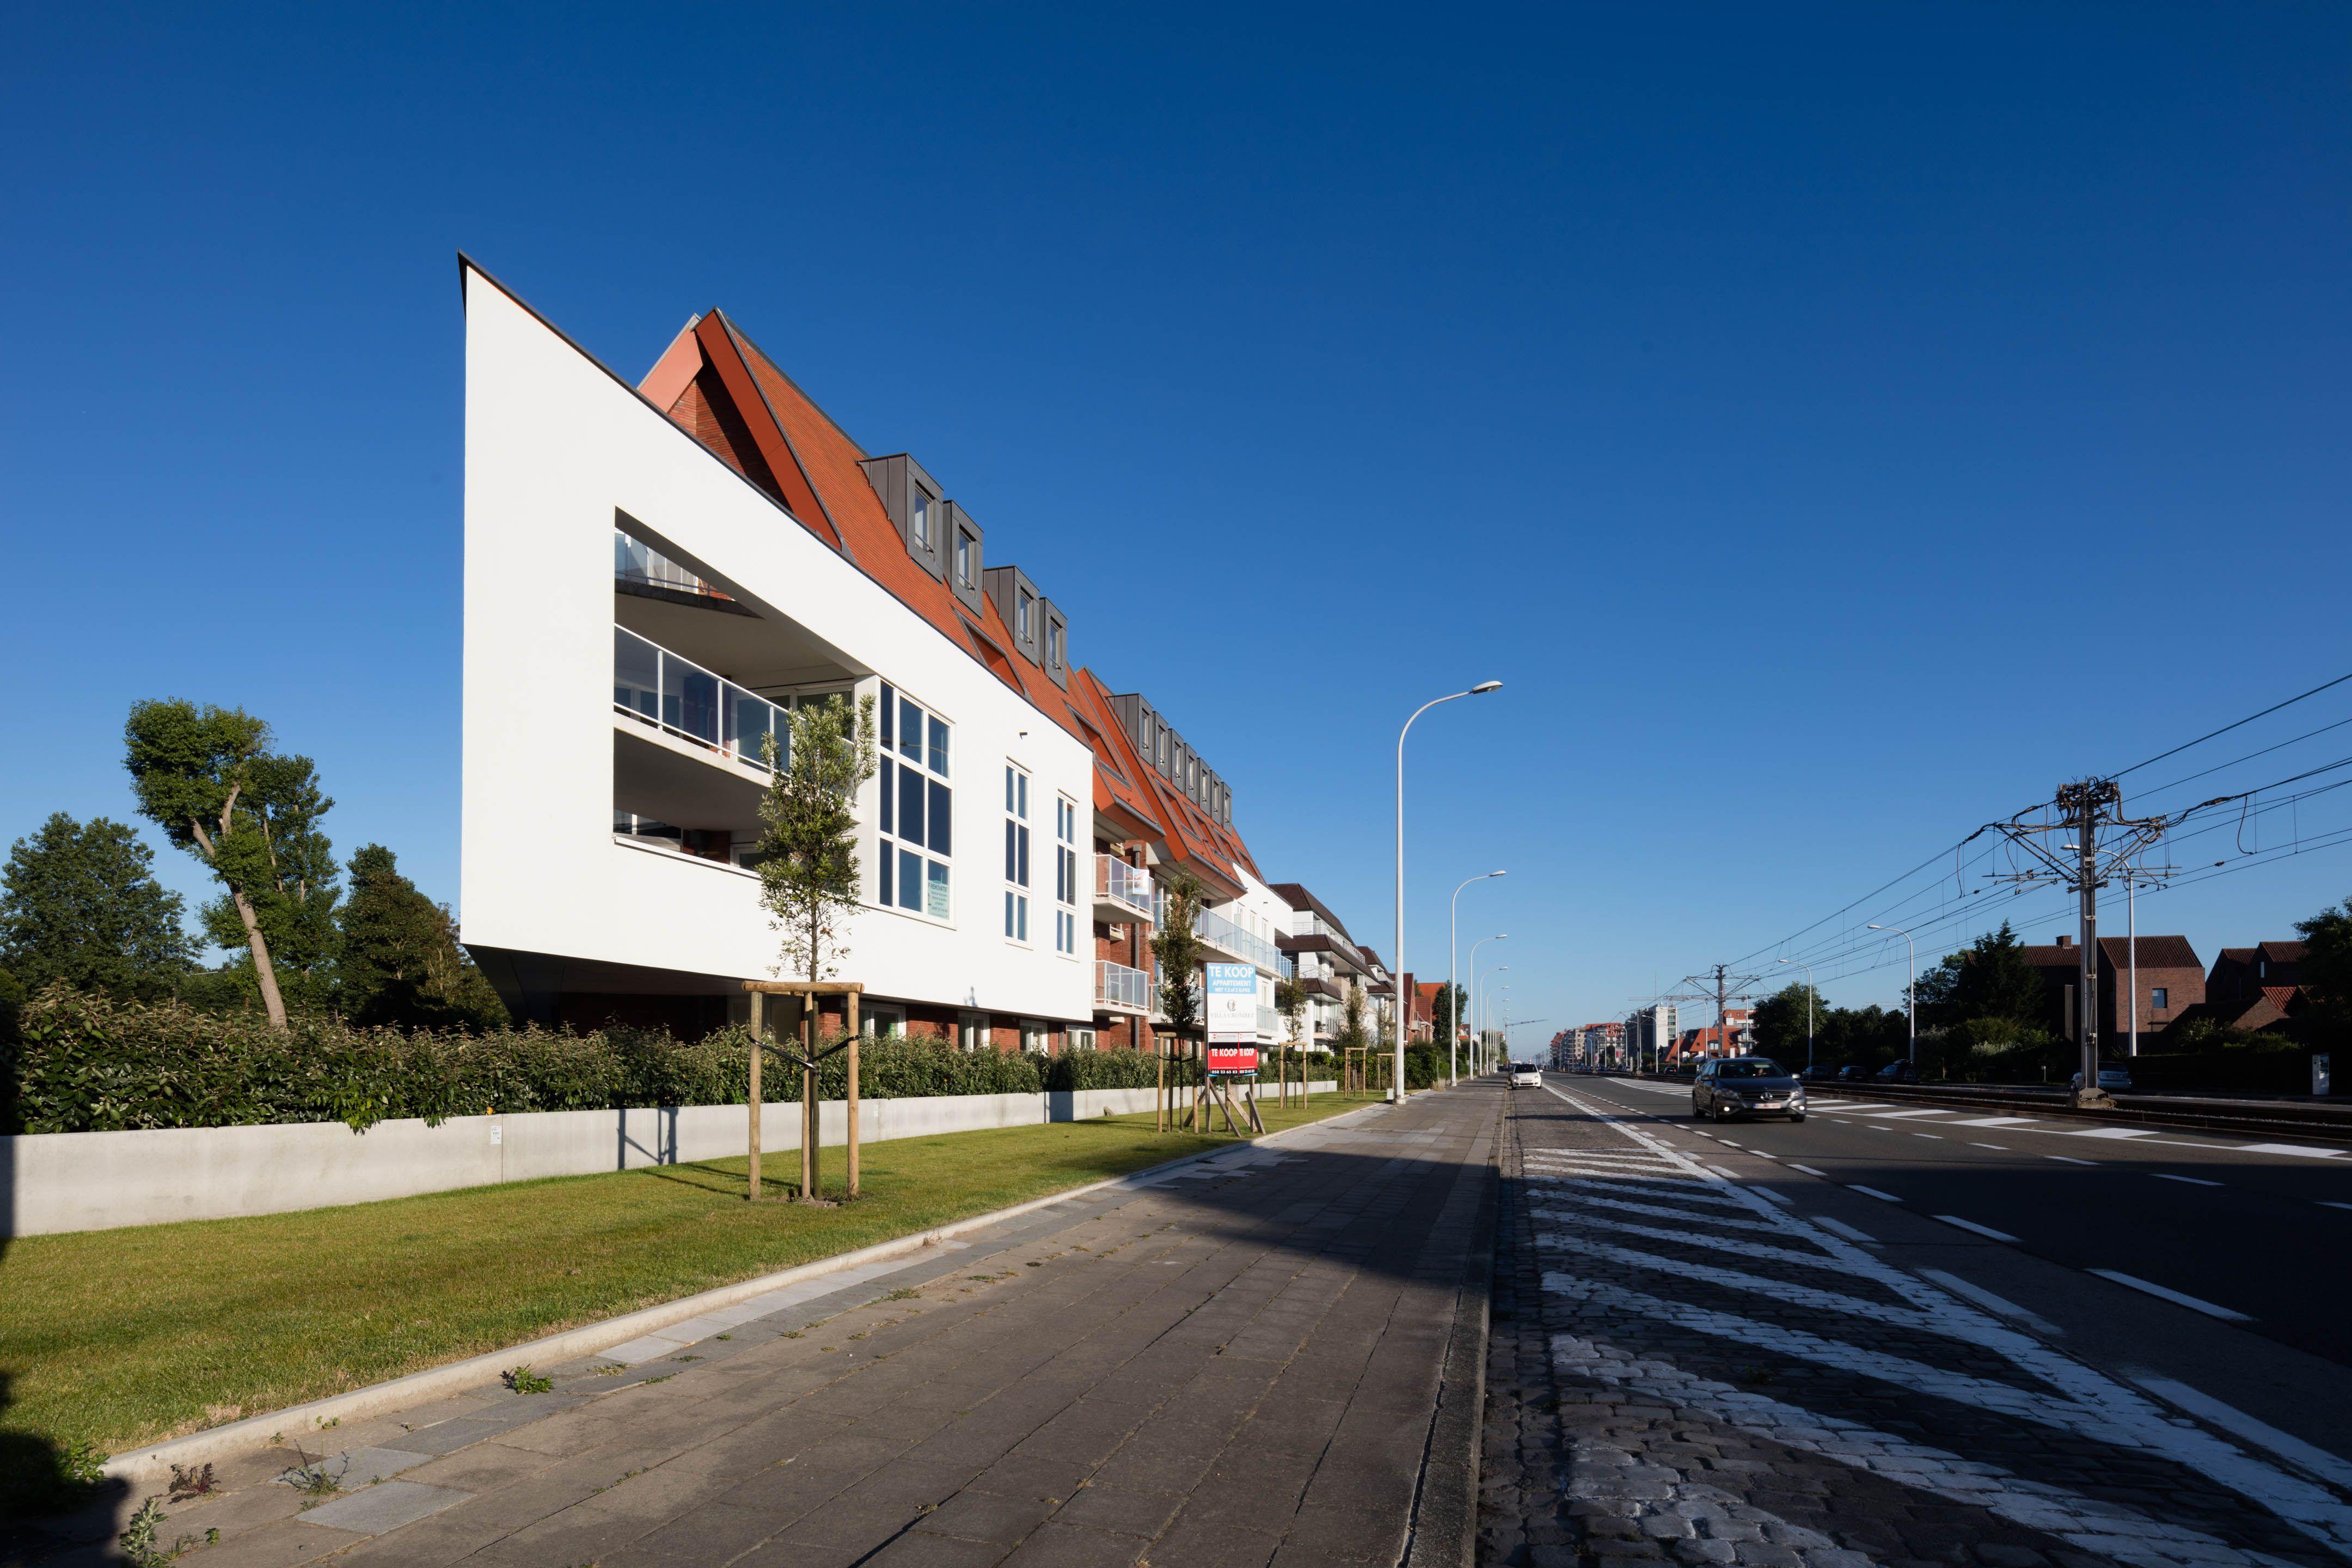 Appartement Residentie Villa Crombez Nieuwpoort - 3657